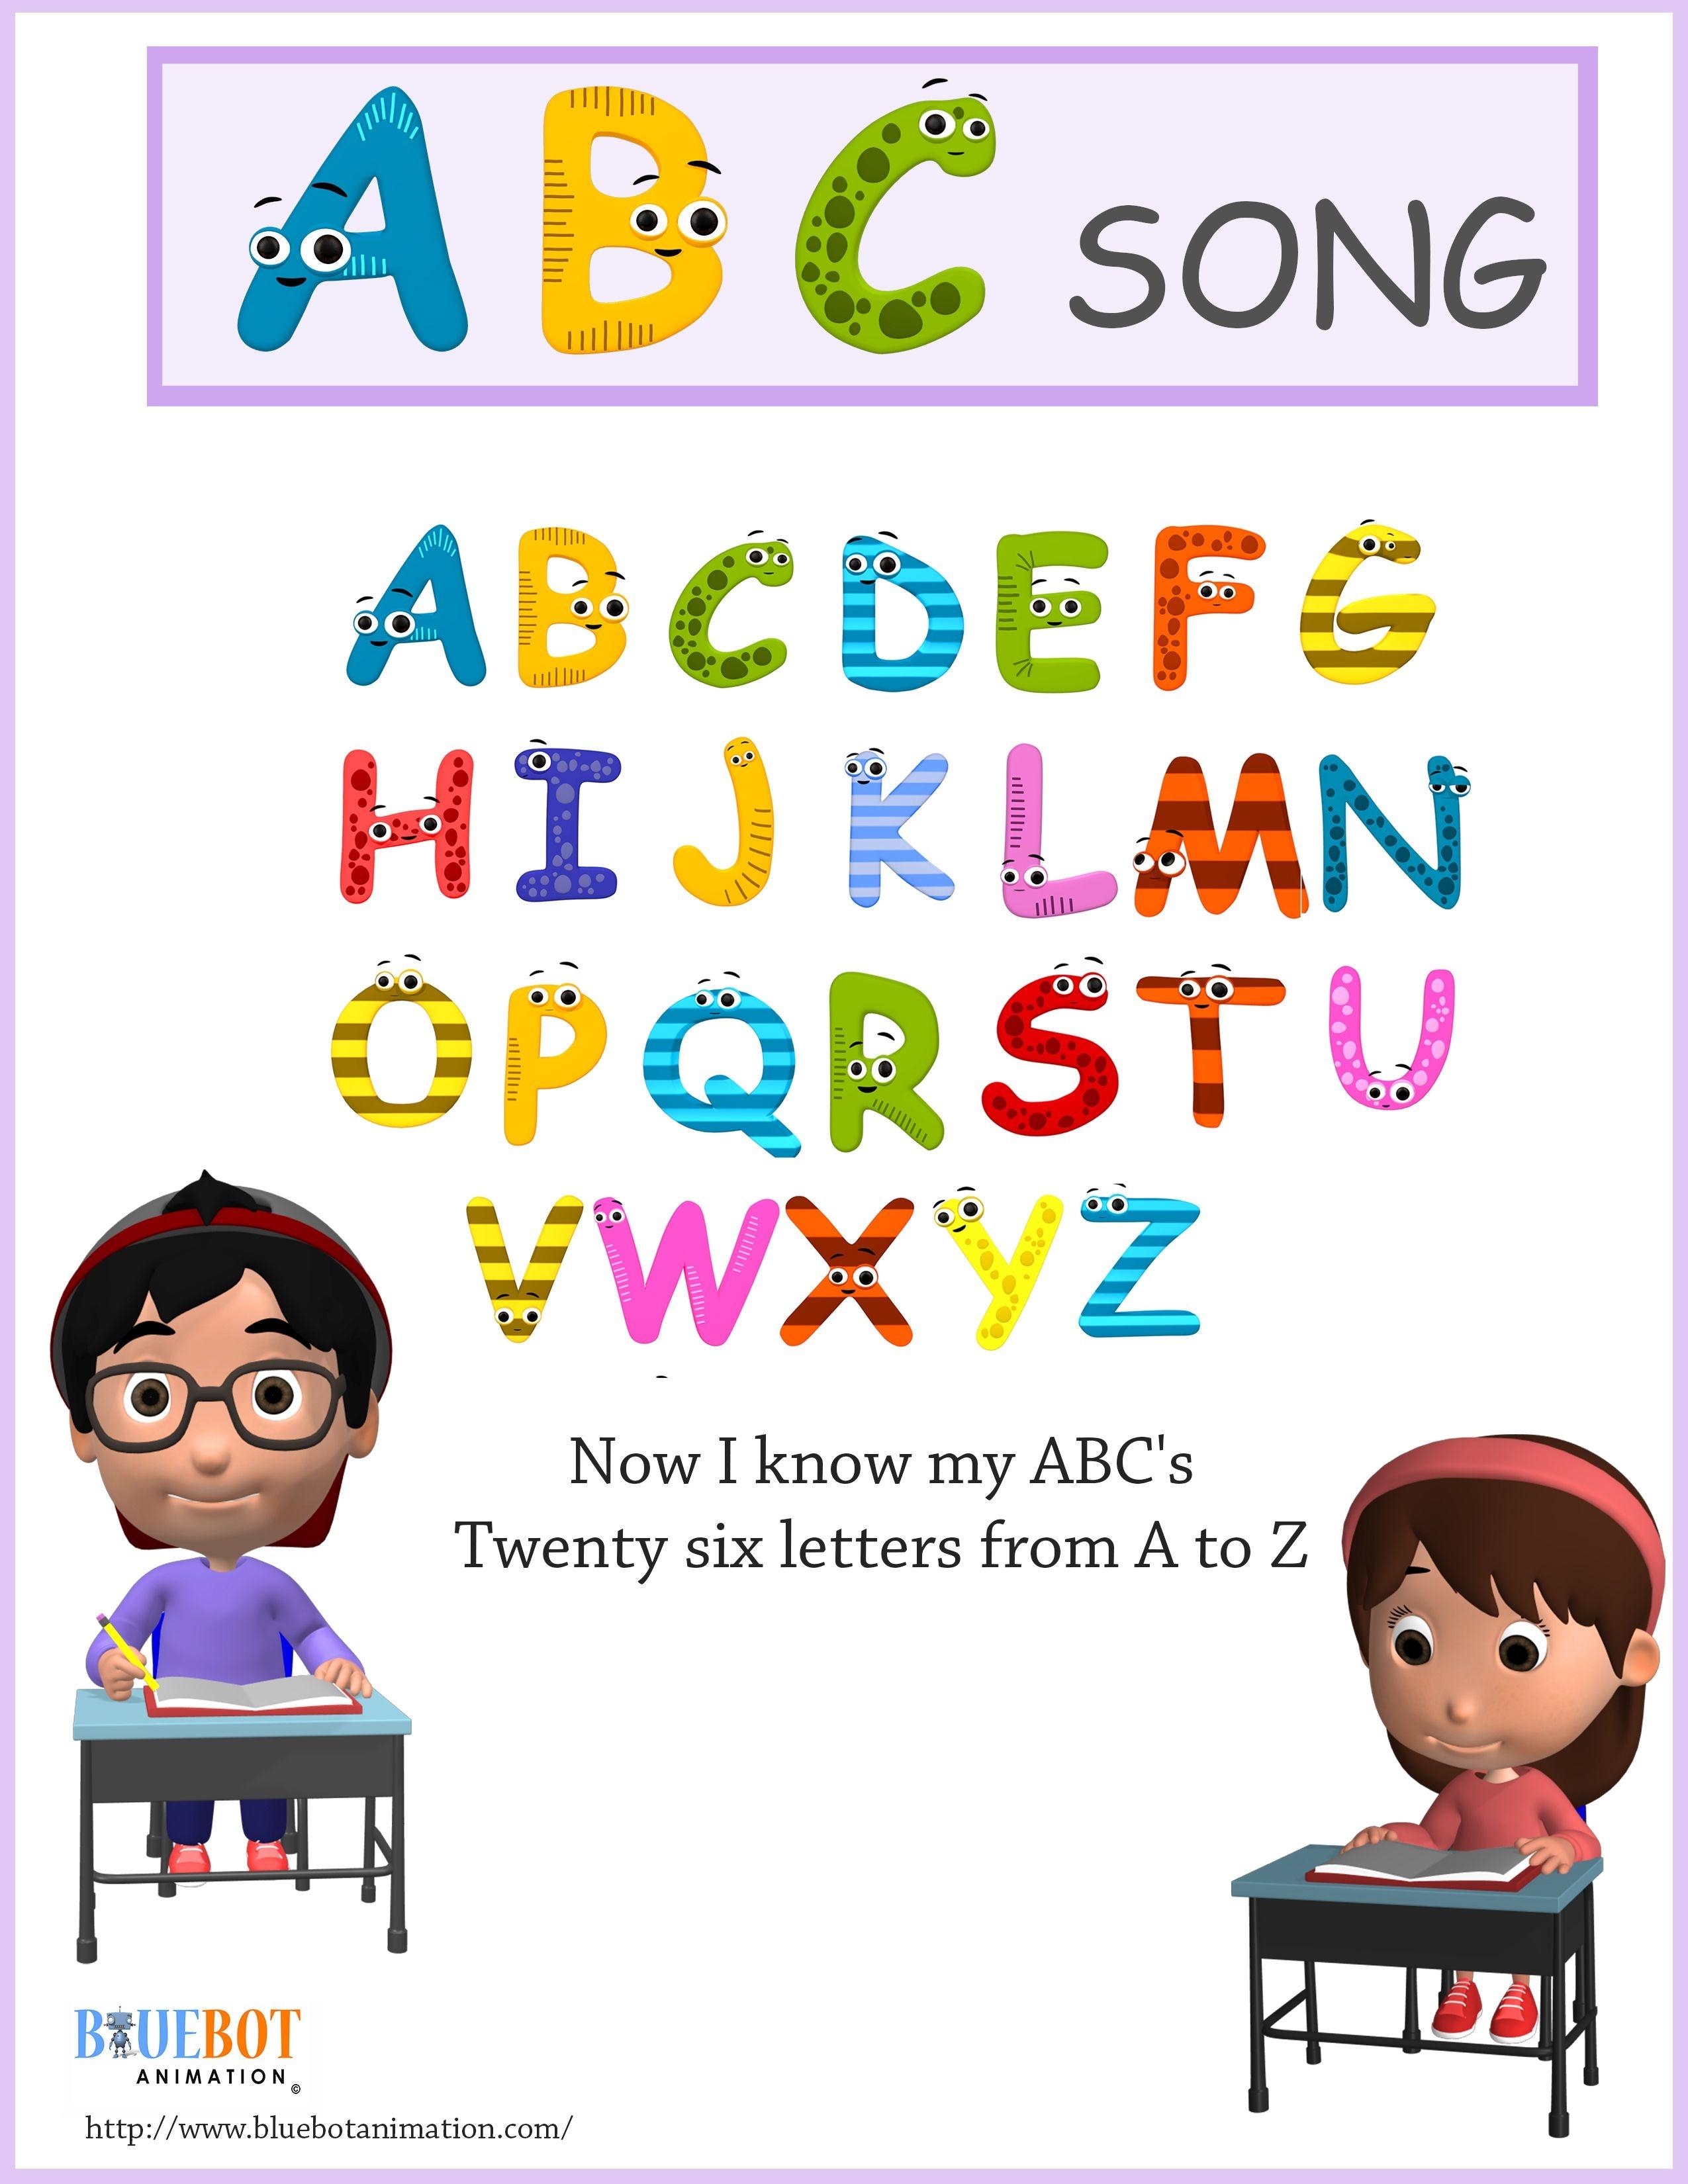 Abc Nursery Rhyme Lyrics Free Printable Nursery Rhyme Lyrics Page - Free Printable Nursery Rhymes Songs